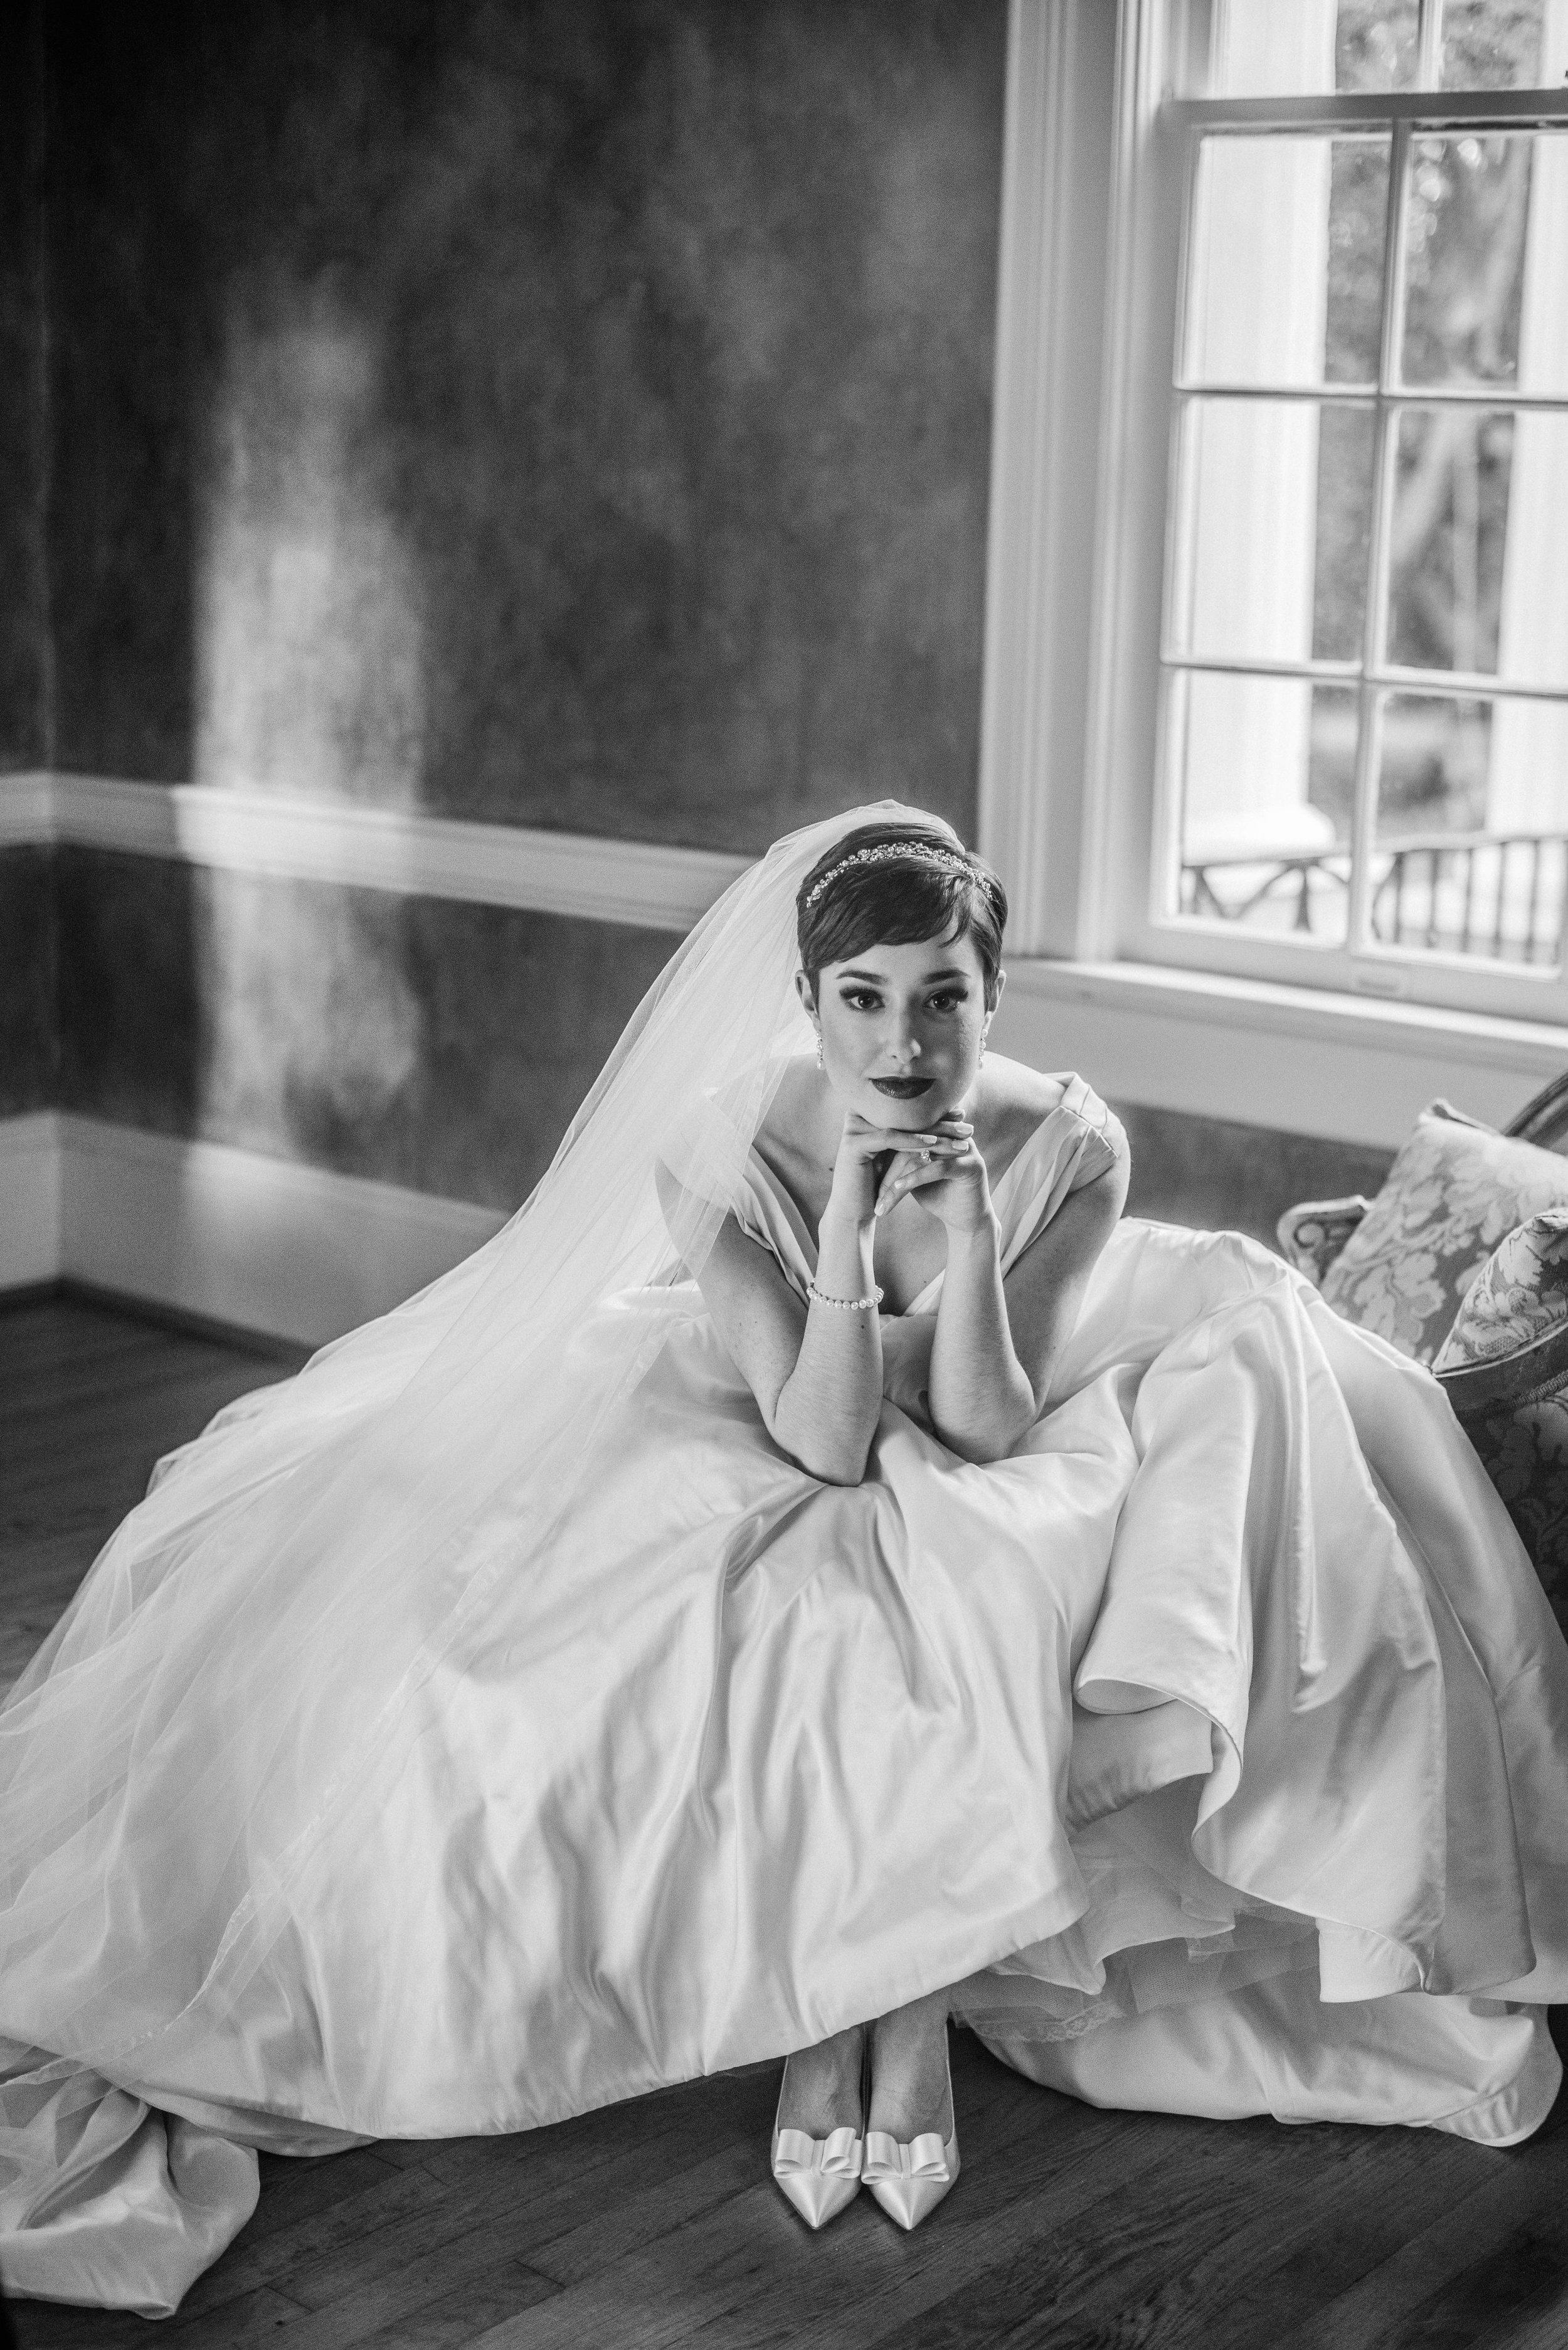 CarolineMerritt|Bridals|_ZBW_MiraPhotographs-109.jpg